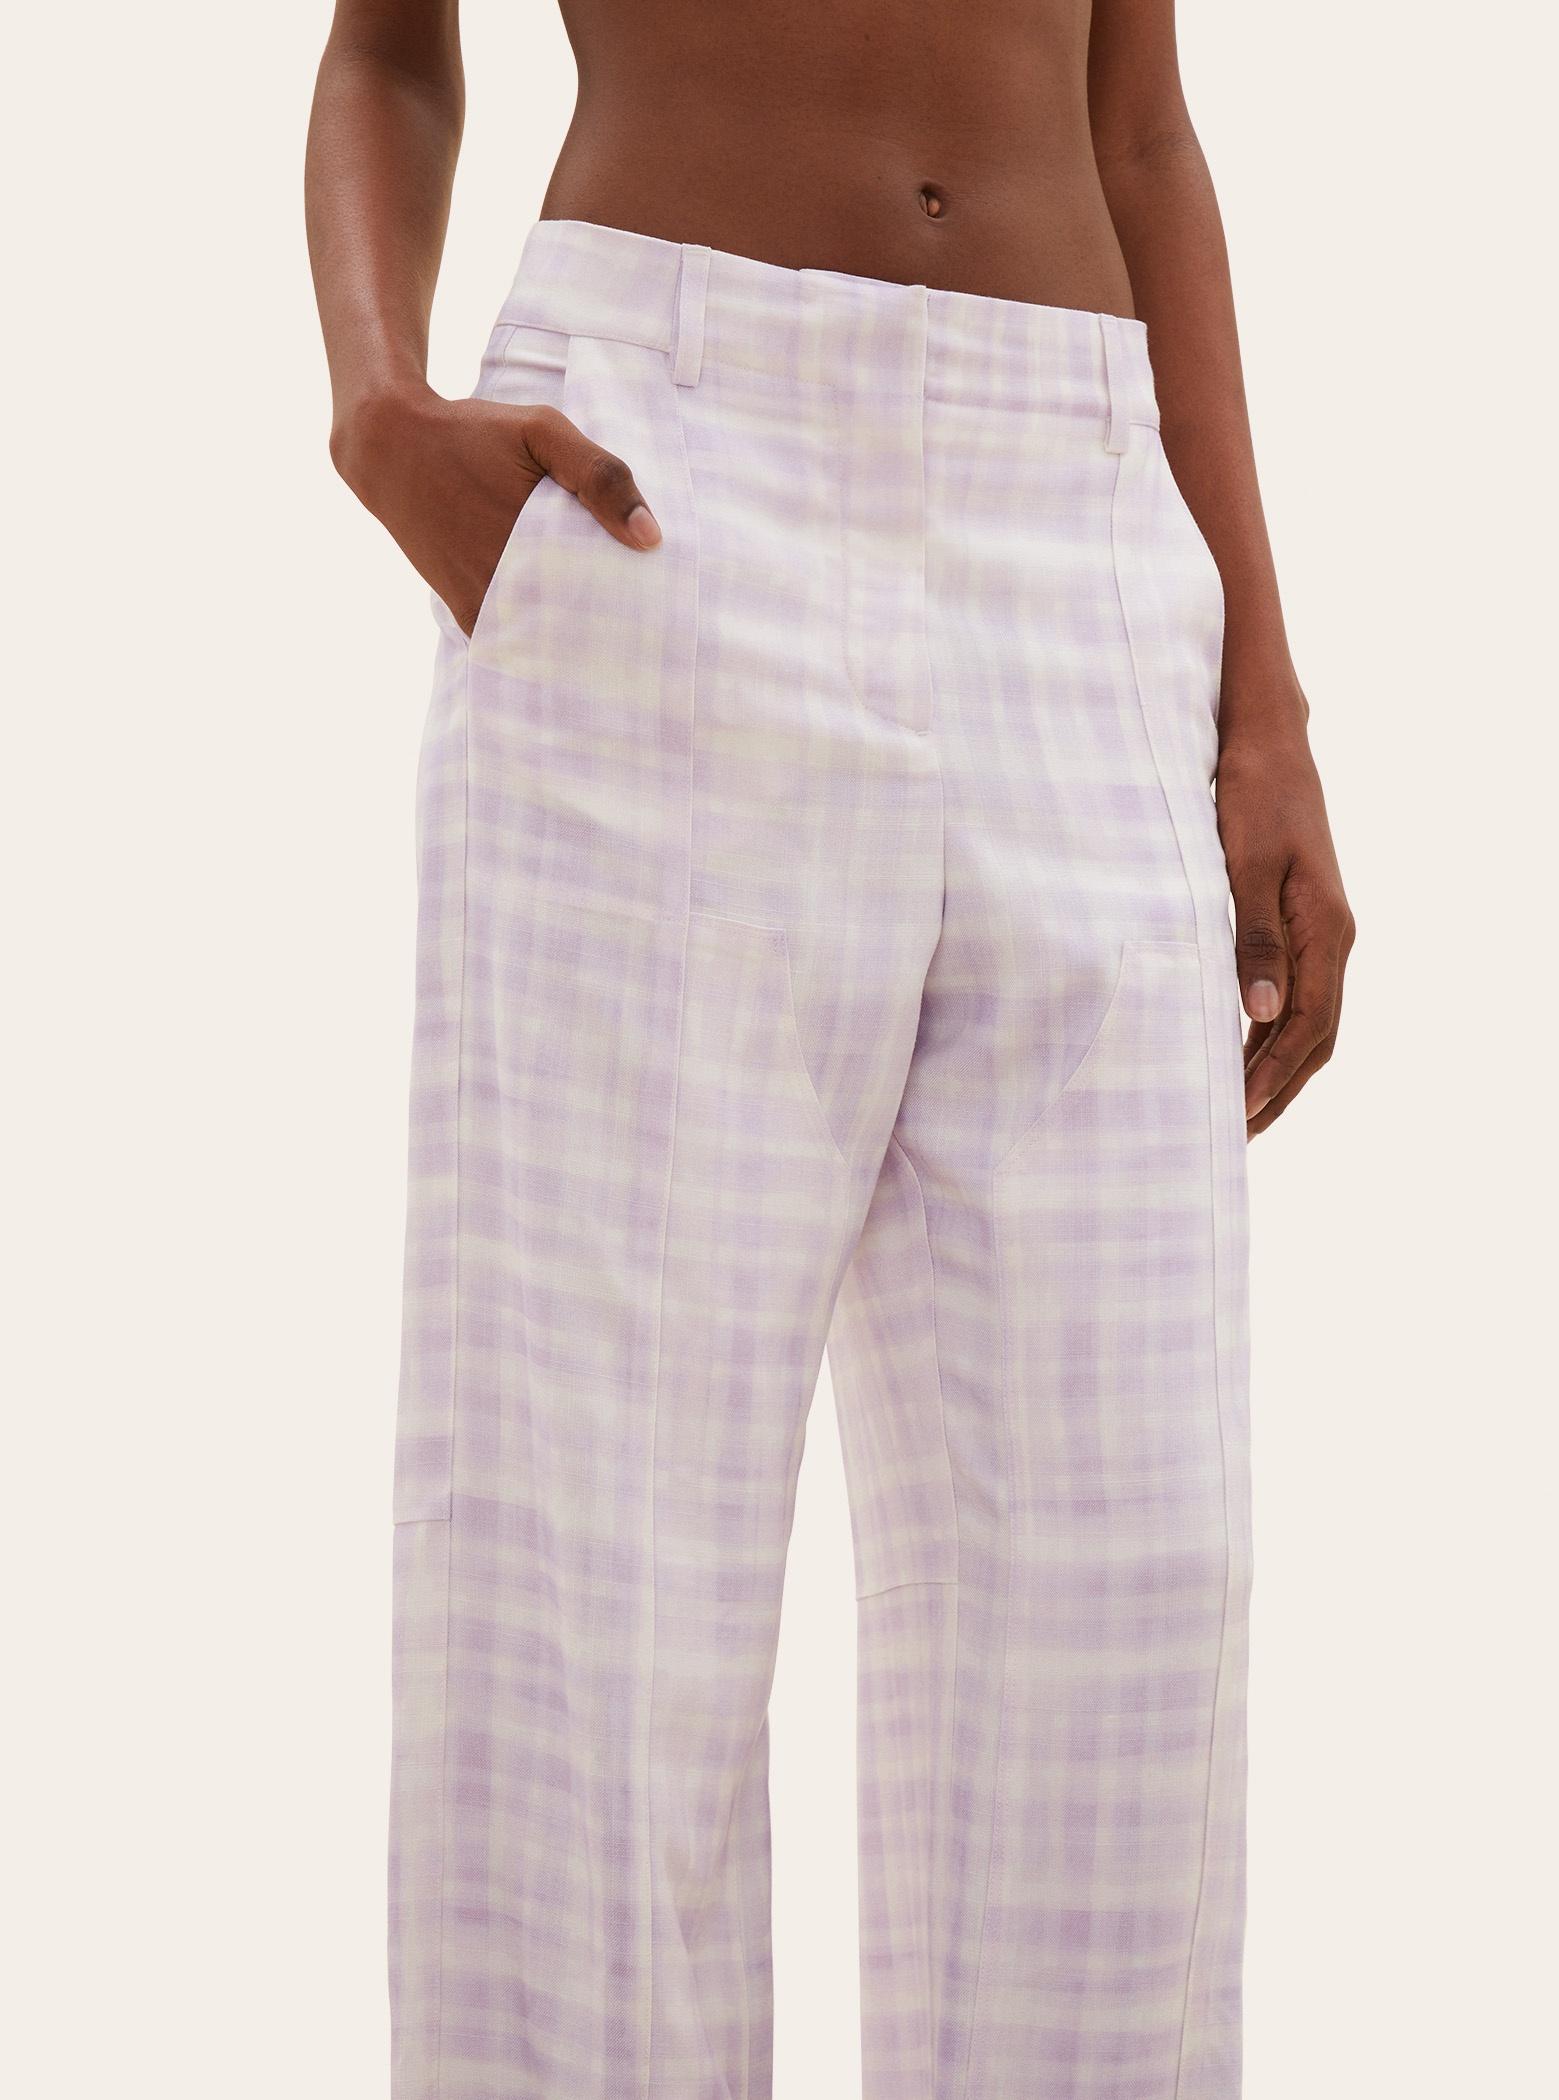 Le pantalon Estero